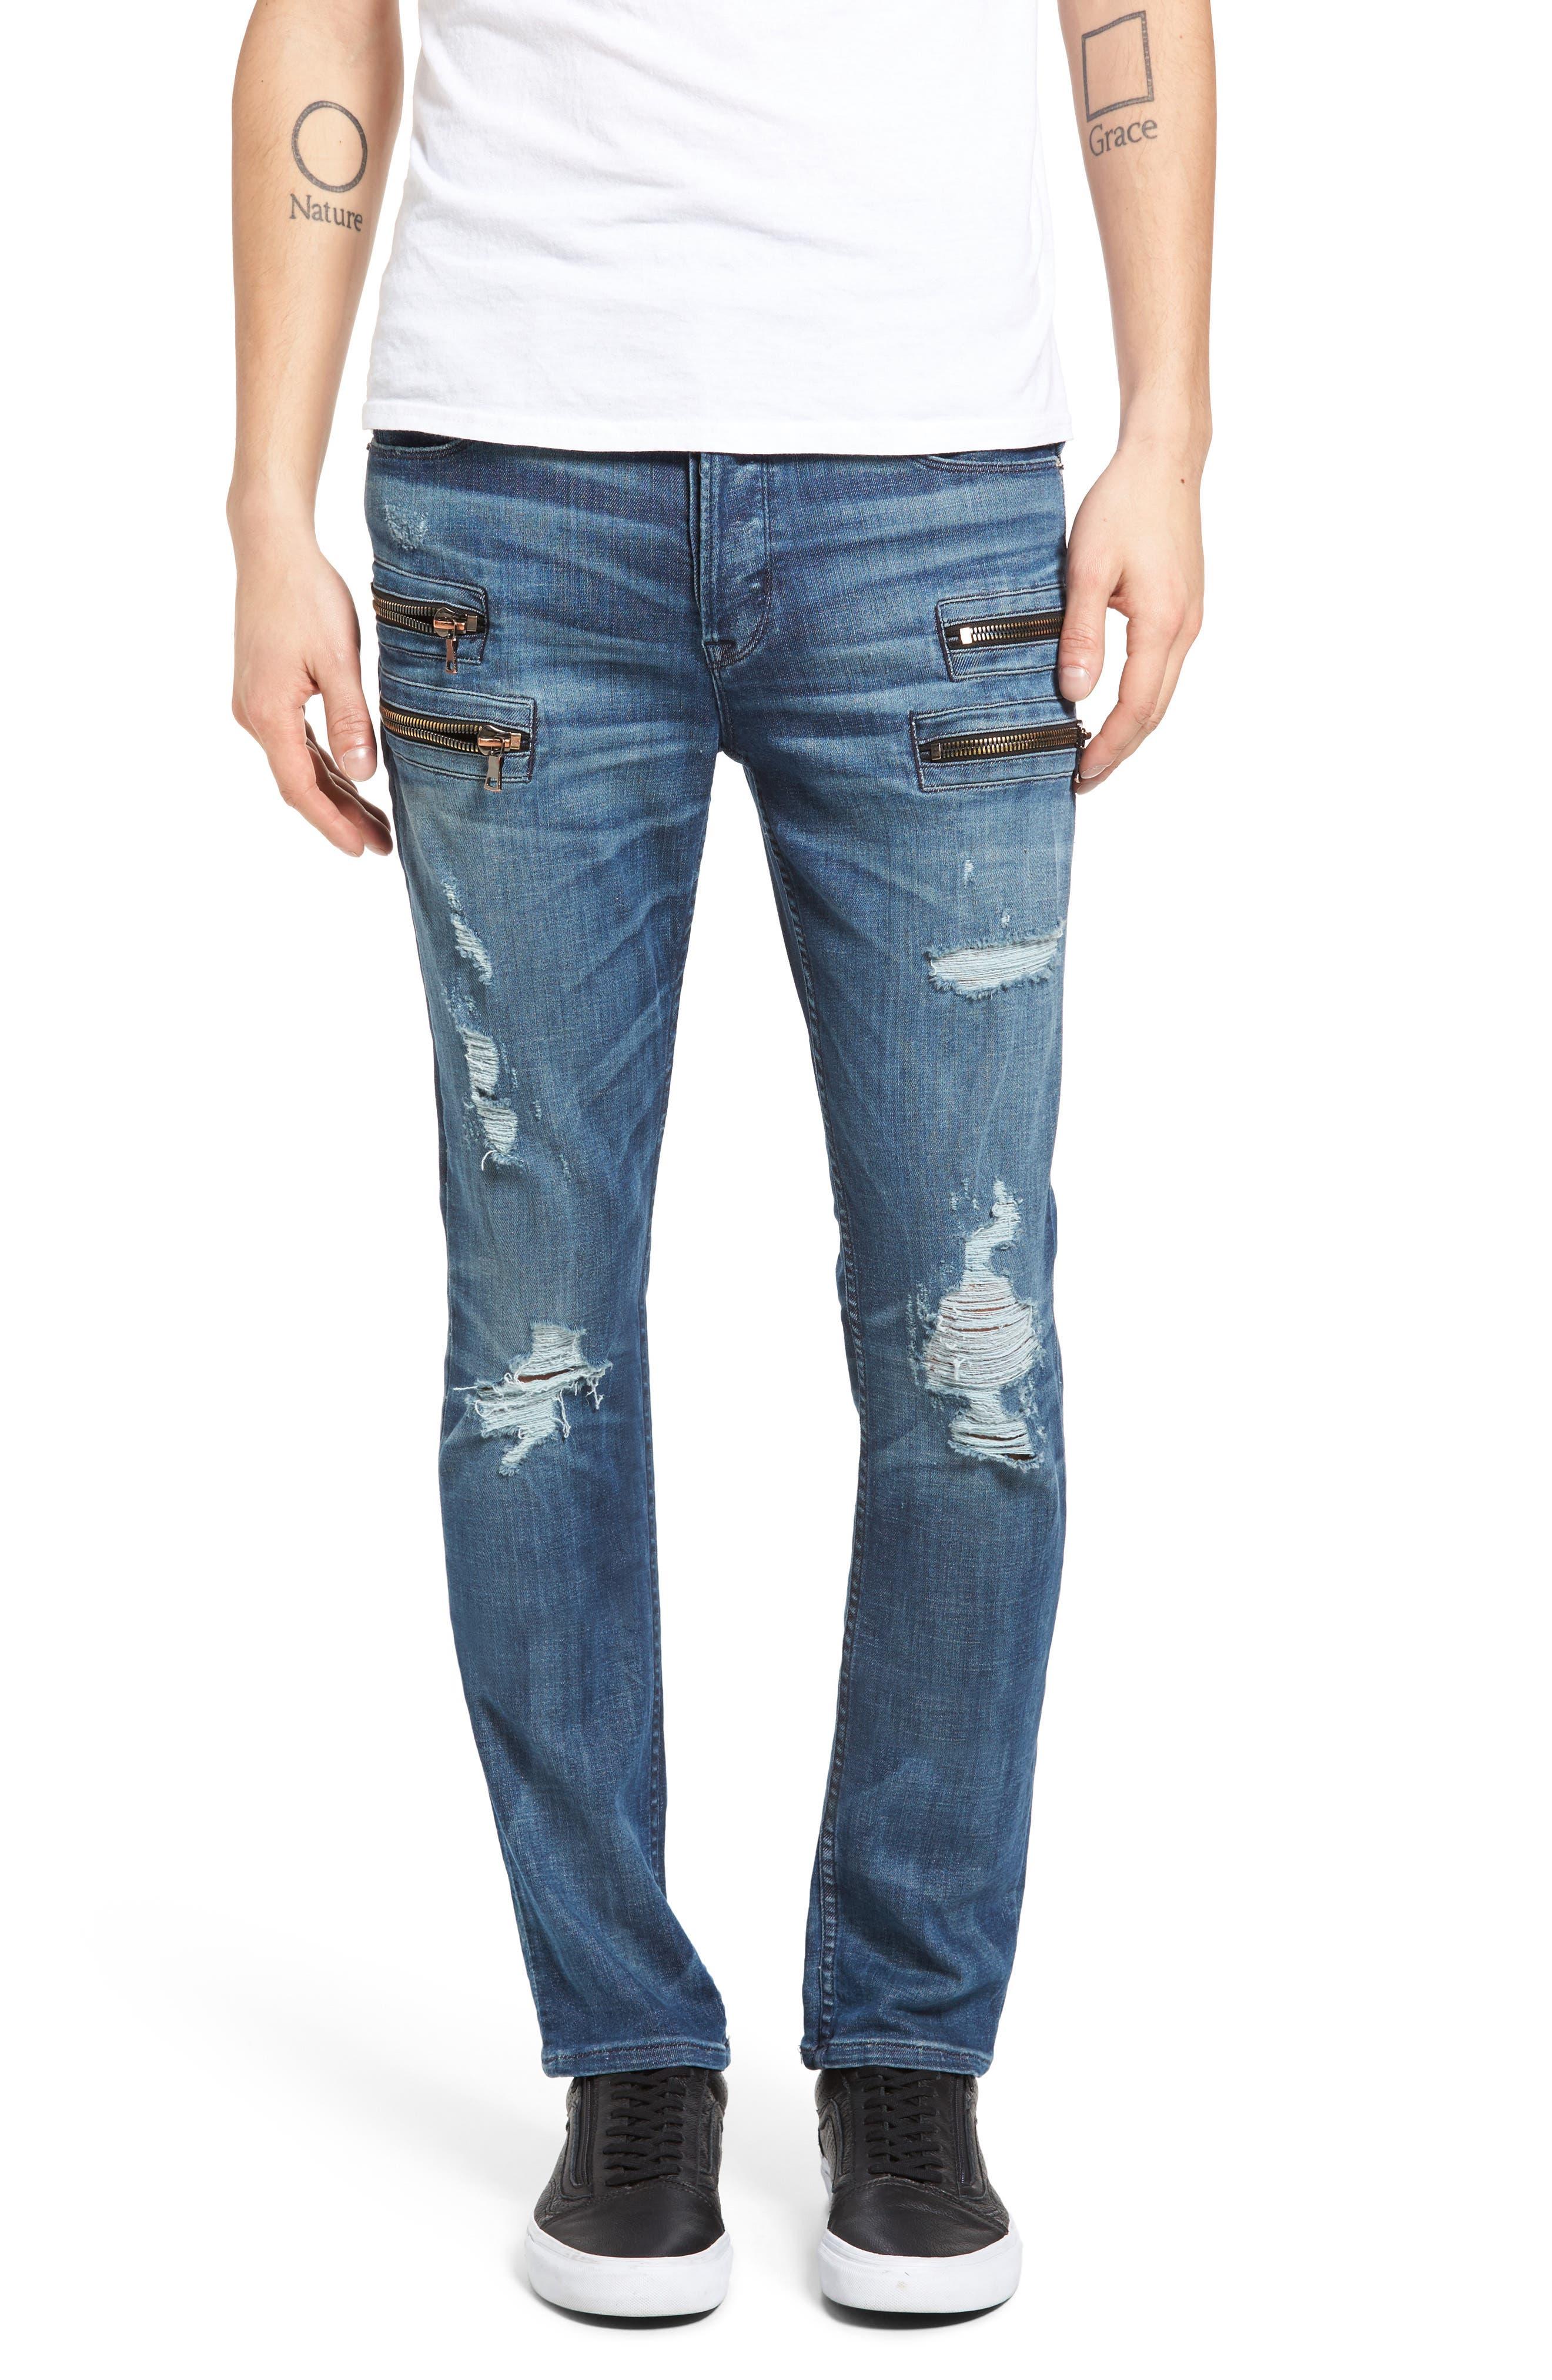 Hudson Jeans Broderick Biker Skinny Fit Jeans (Hayday)